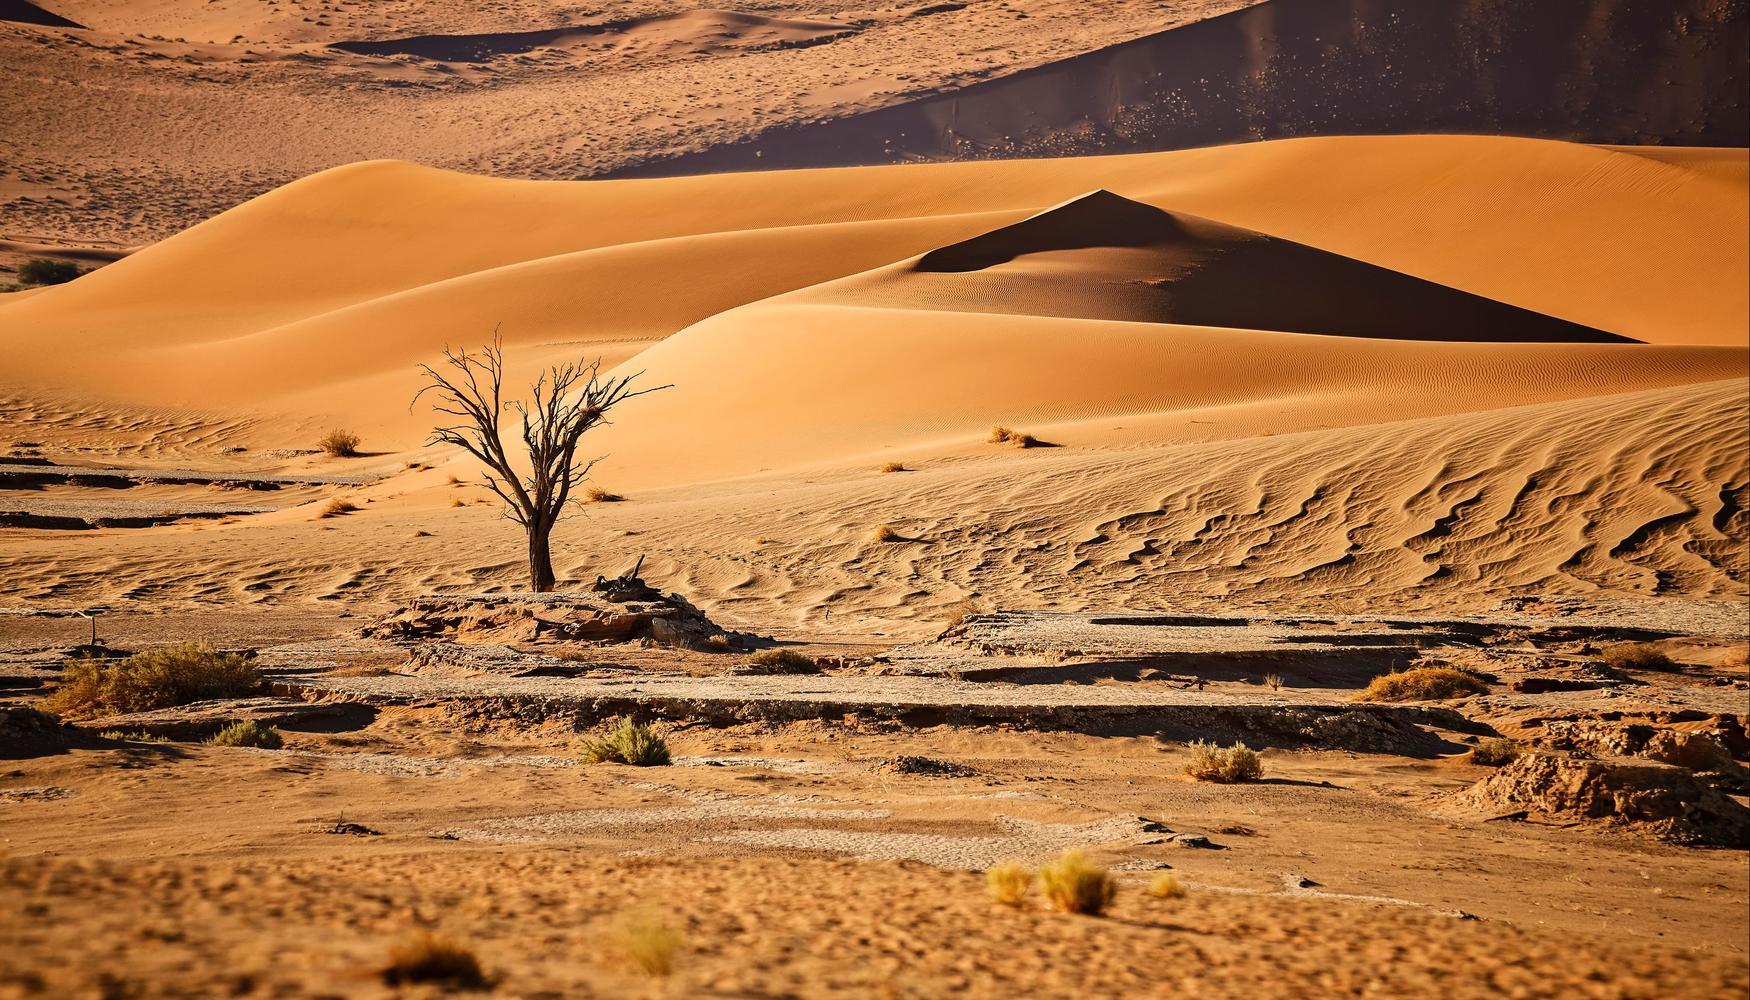 Renta de autos en Namibia